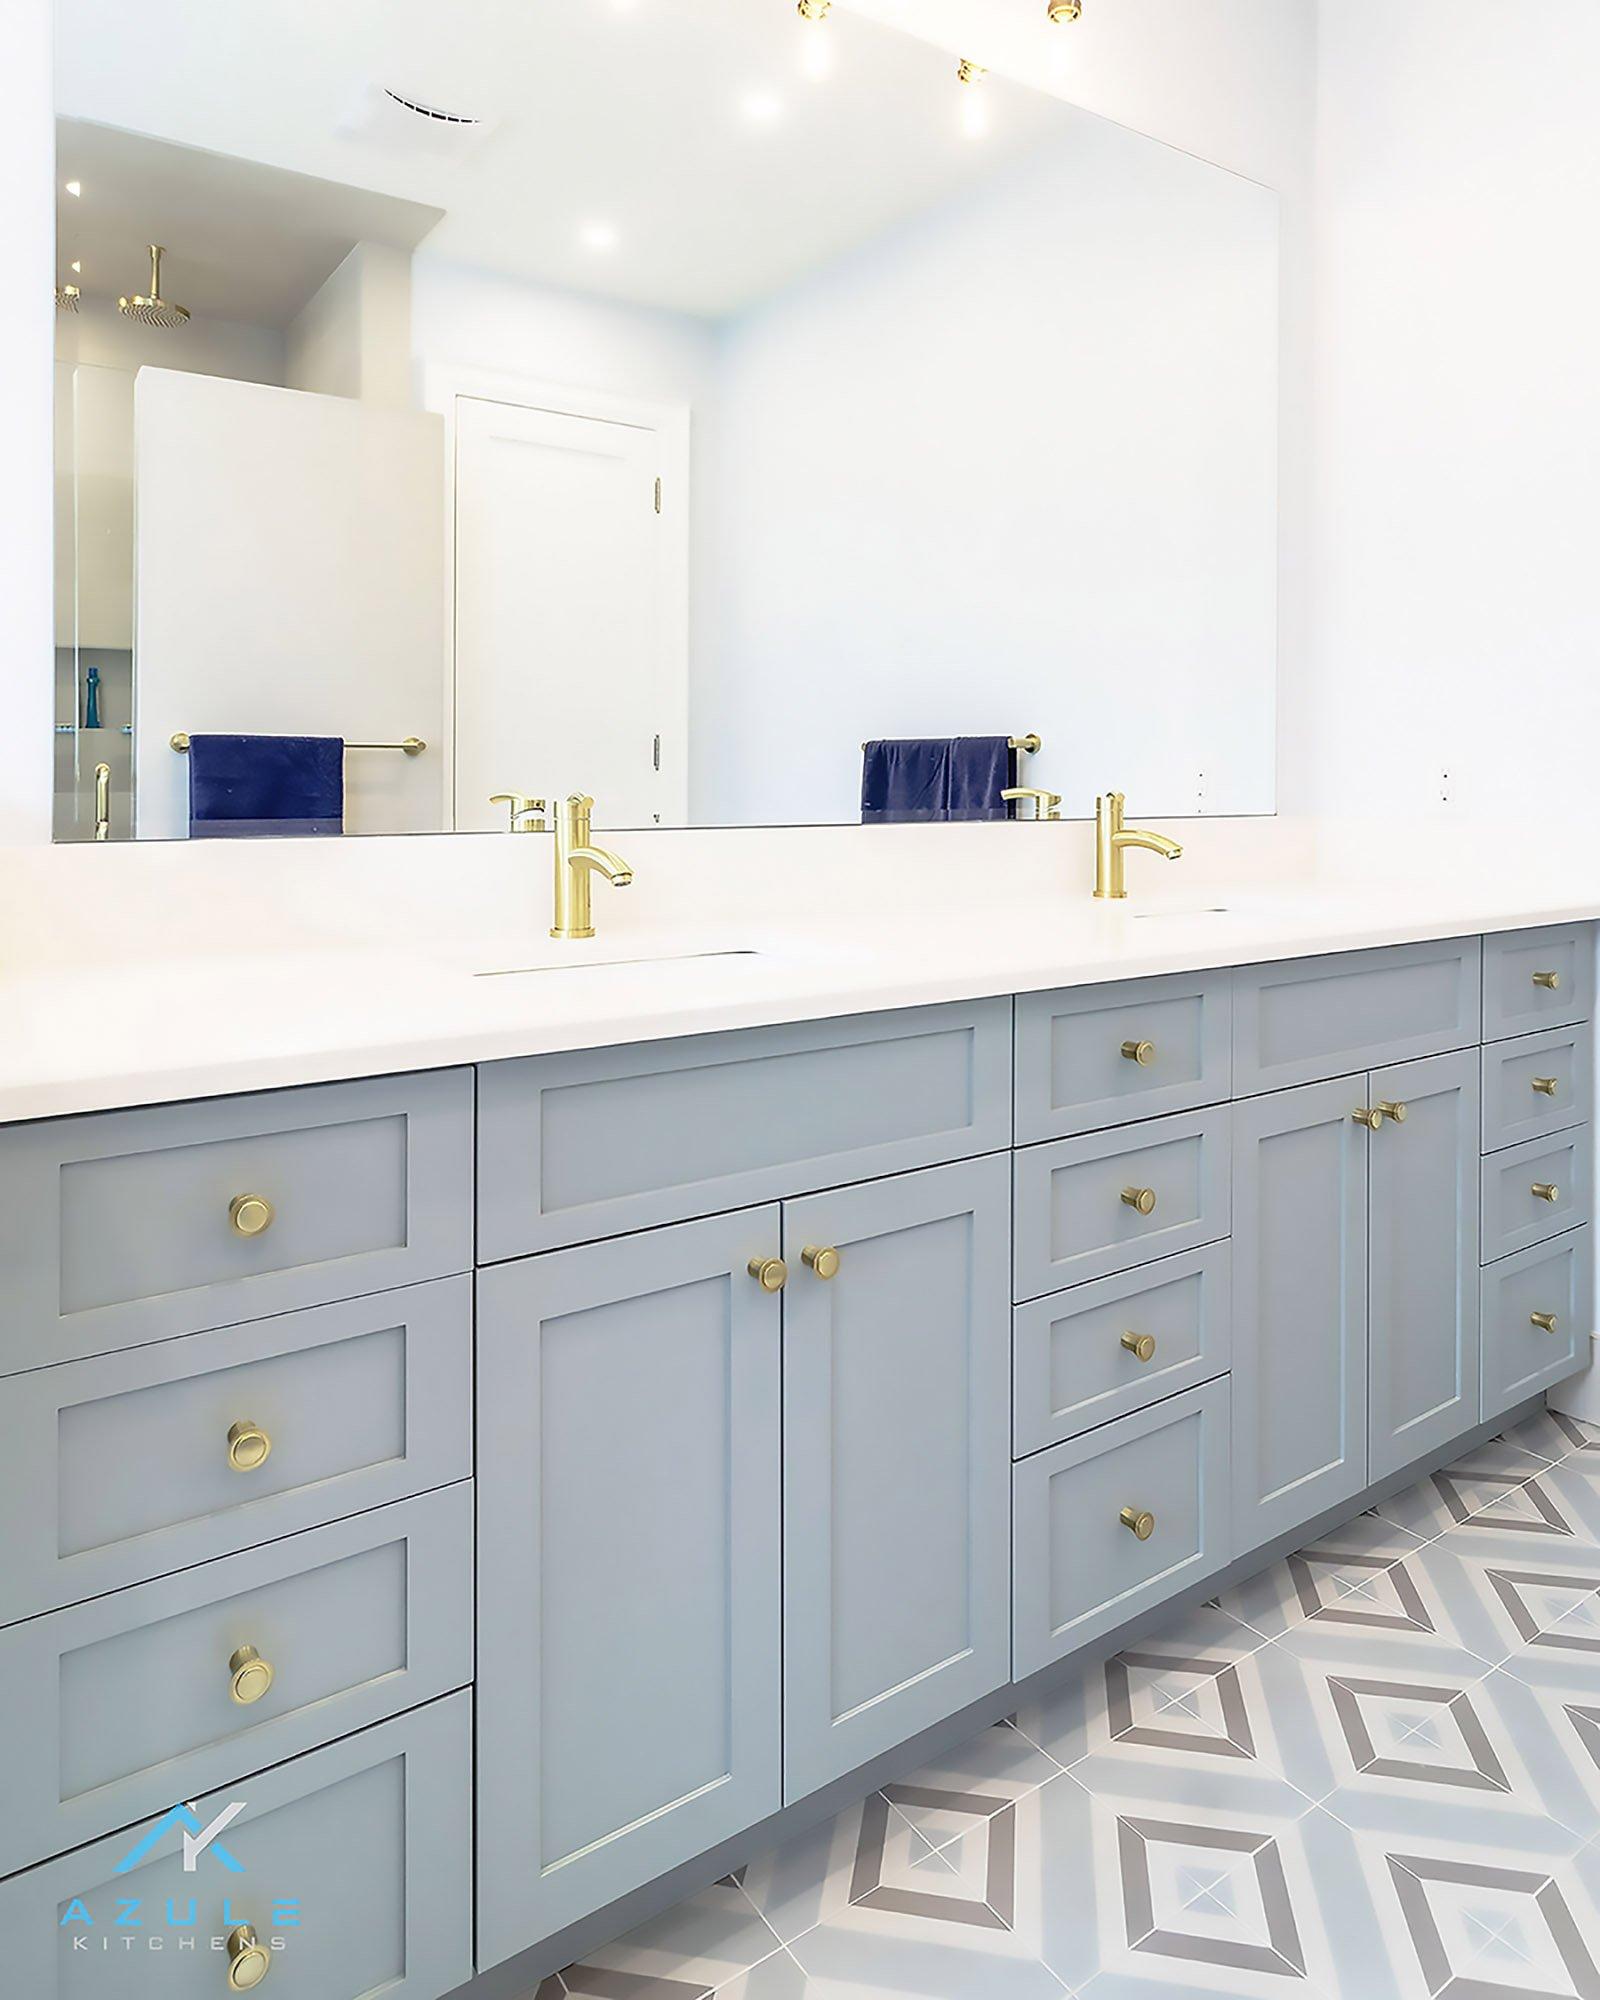 Blue Bethroom Vanity With Blue Patttern Tile